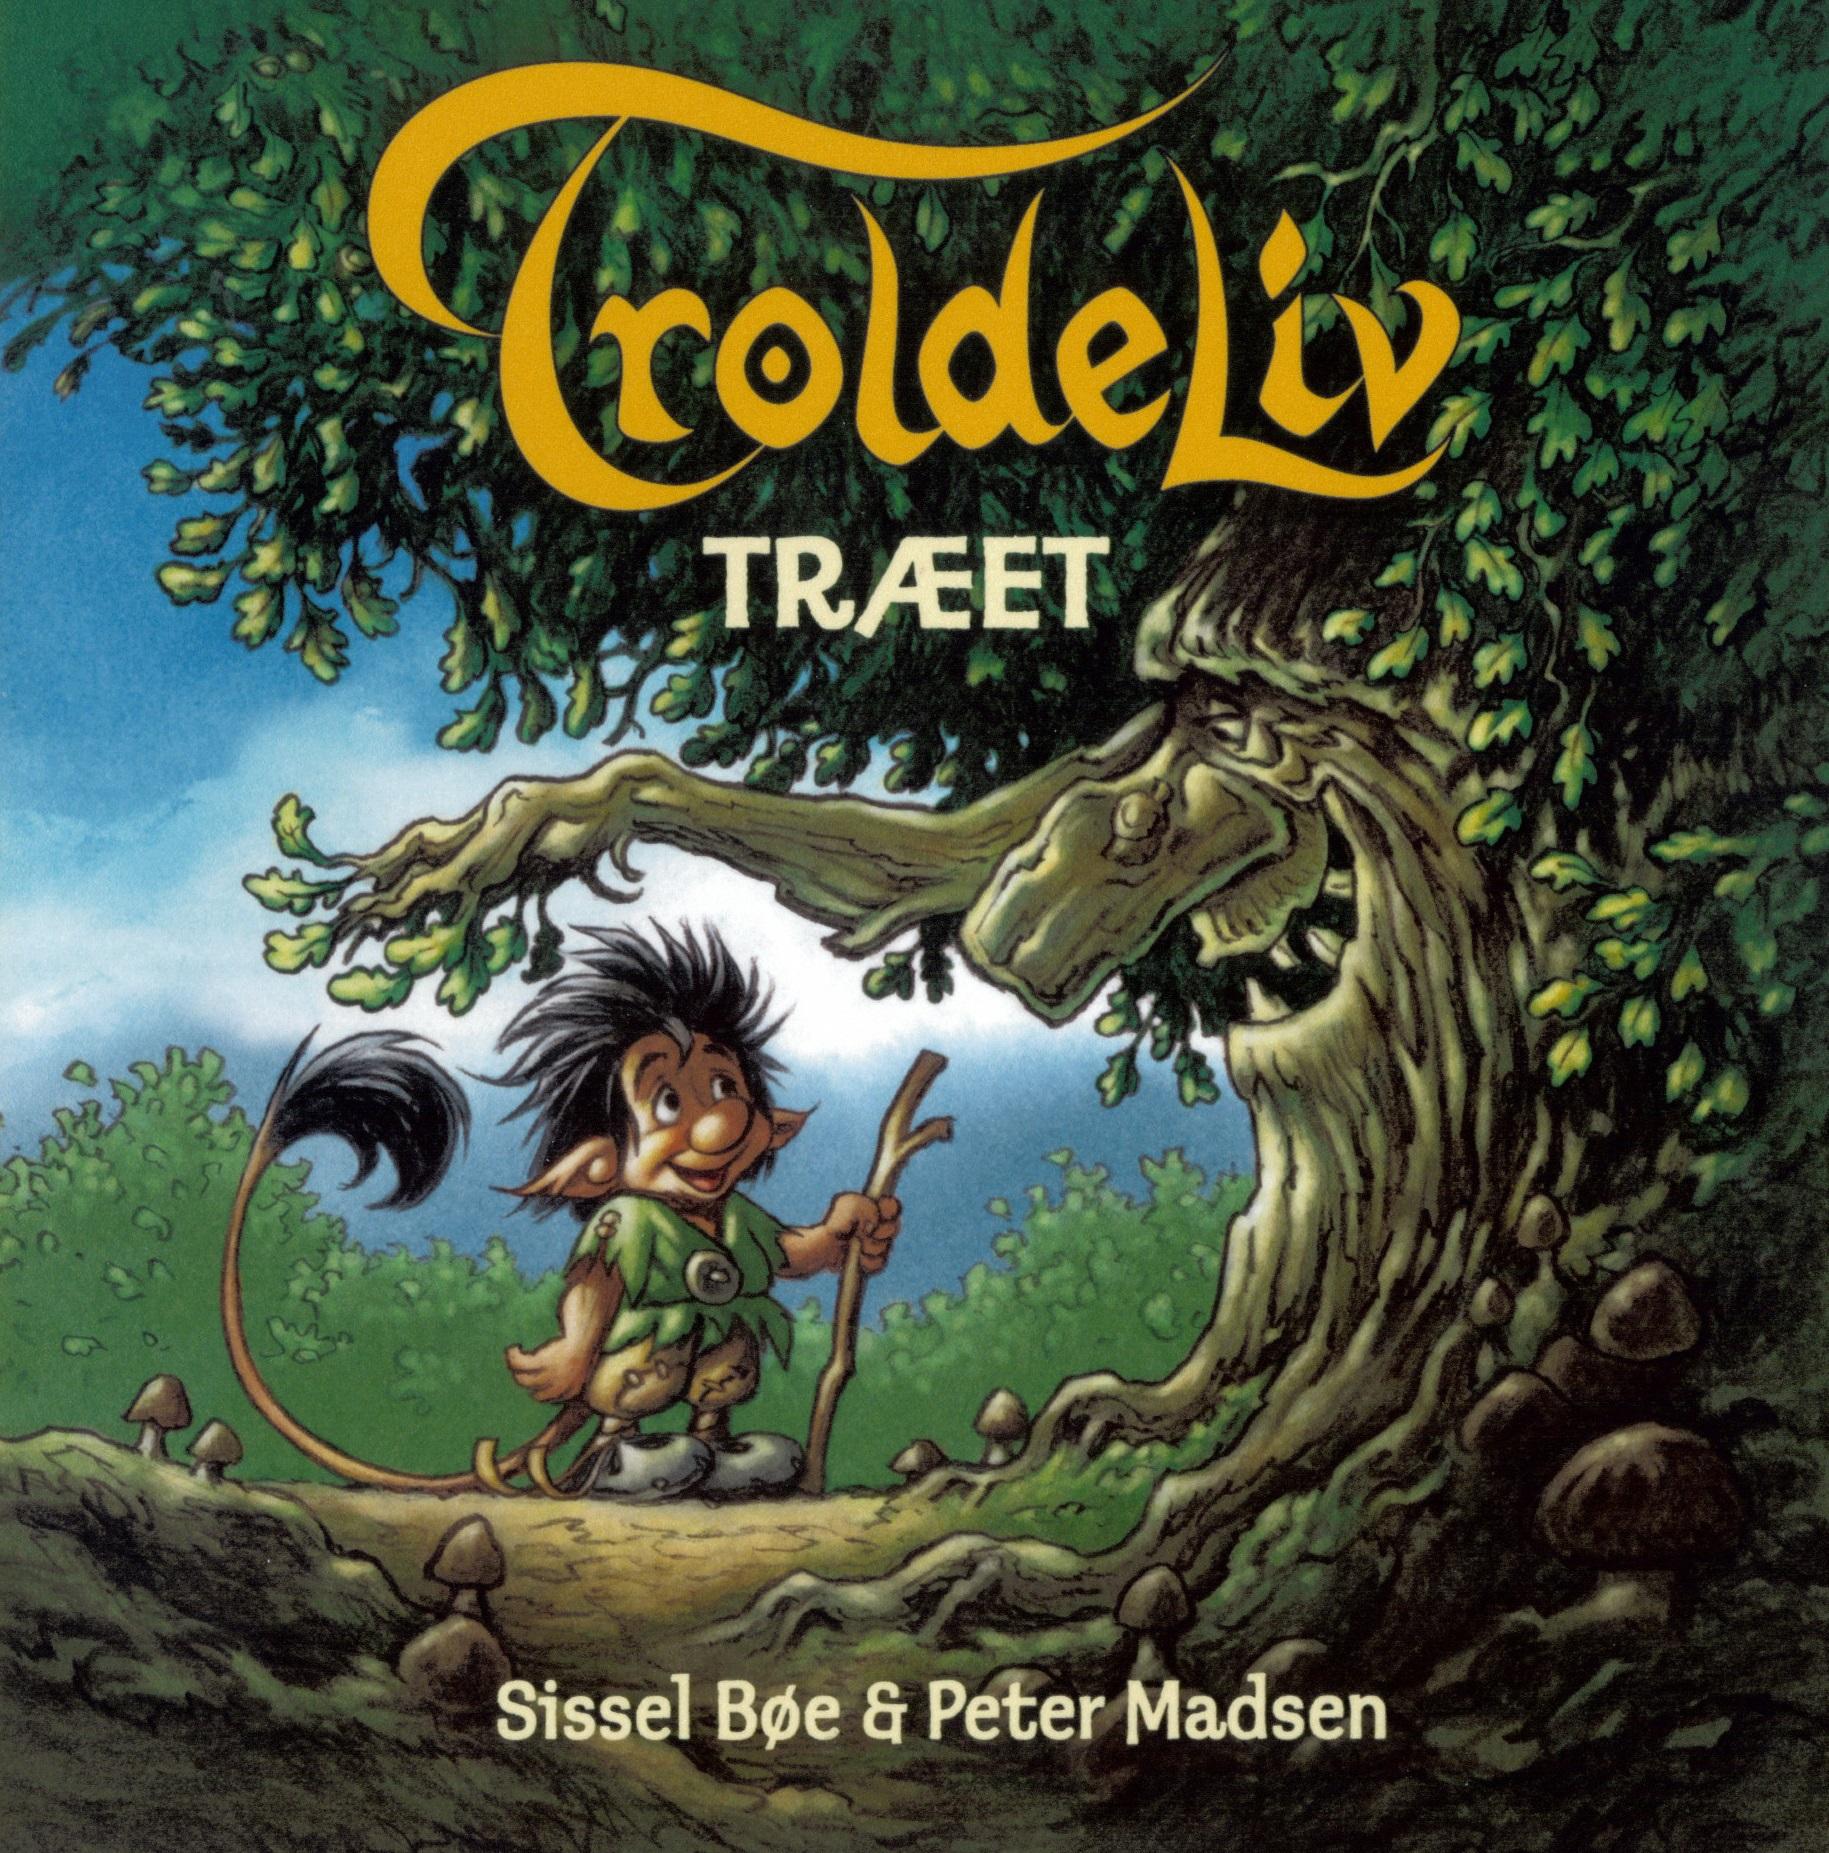 TROLDELIV - Træet